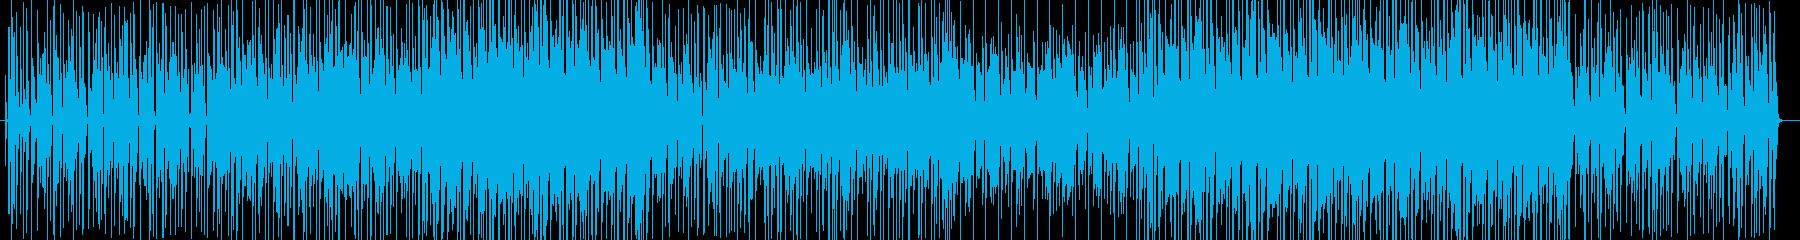 ファンク ゆっくり 魅惑 緊張感 ...の再生済みの波形